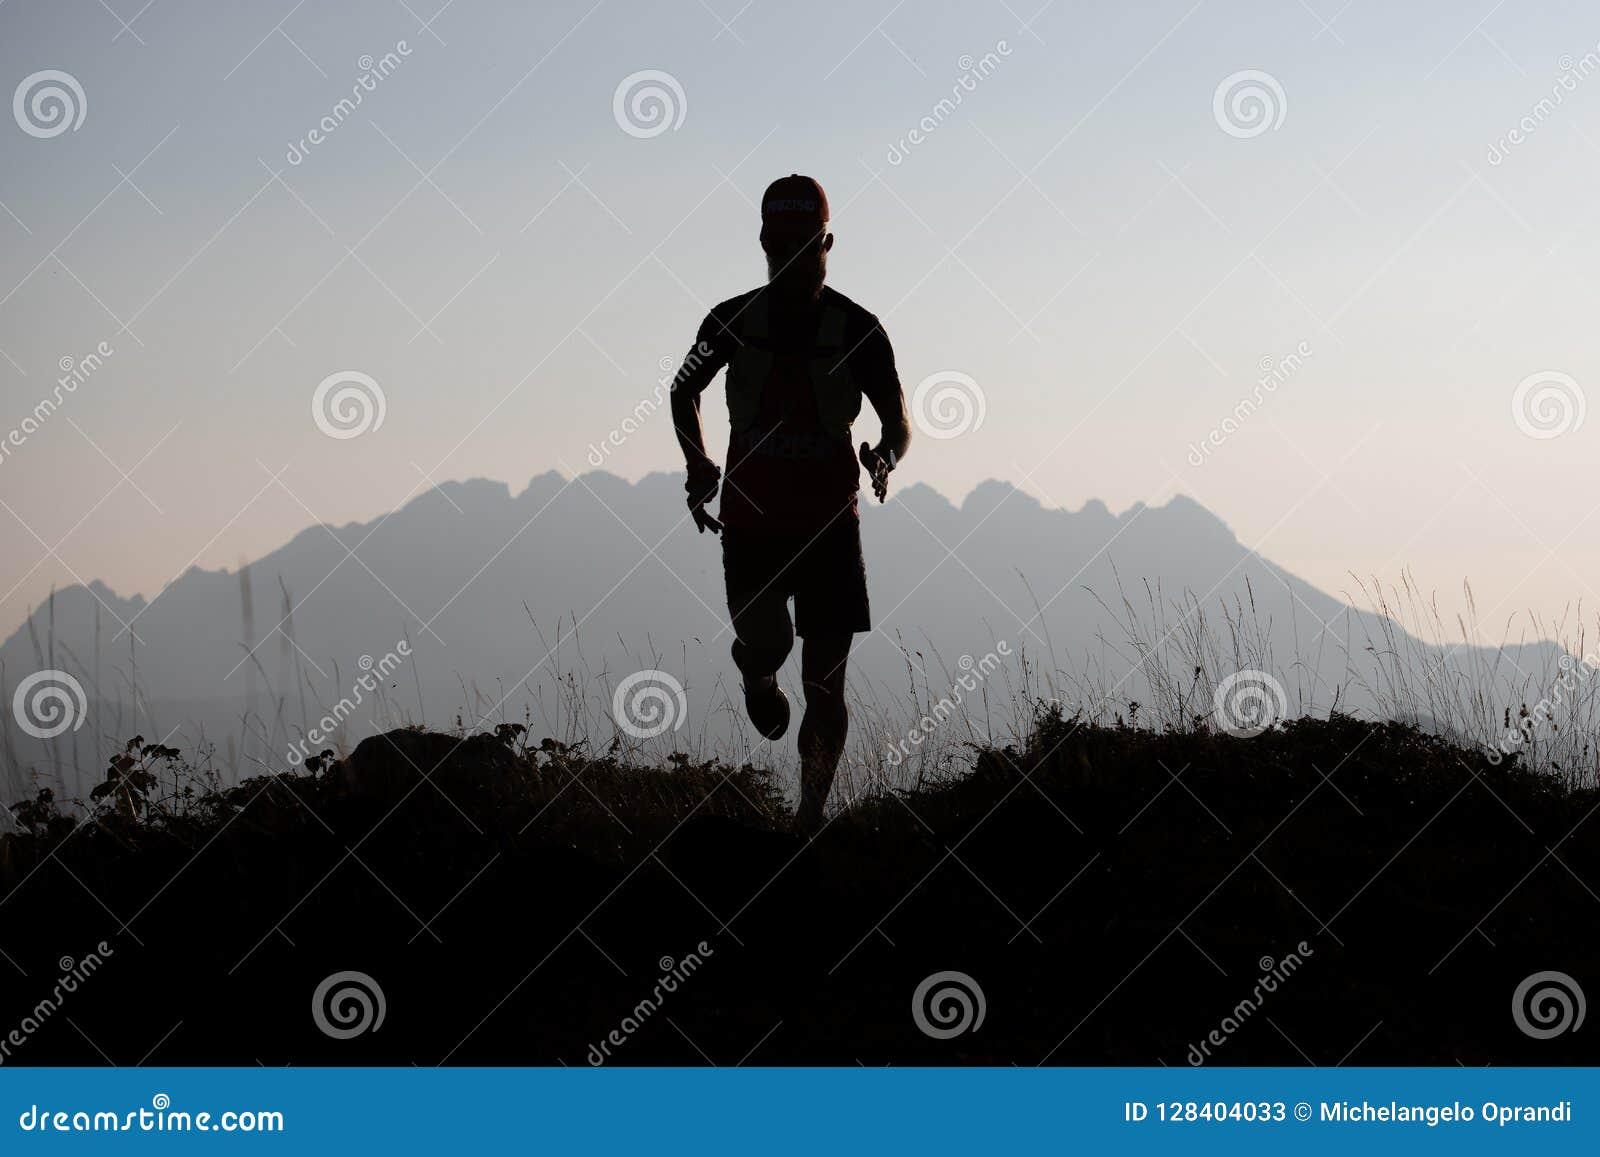 Gebirgsläufer im Schattenbild in einer andeutenden Landschaft